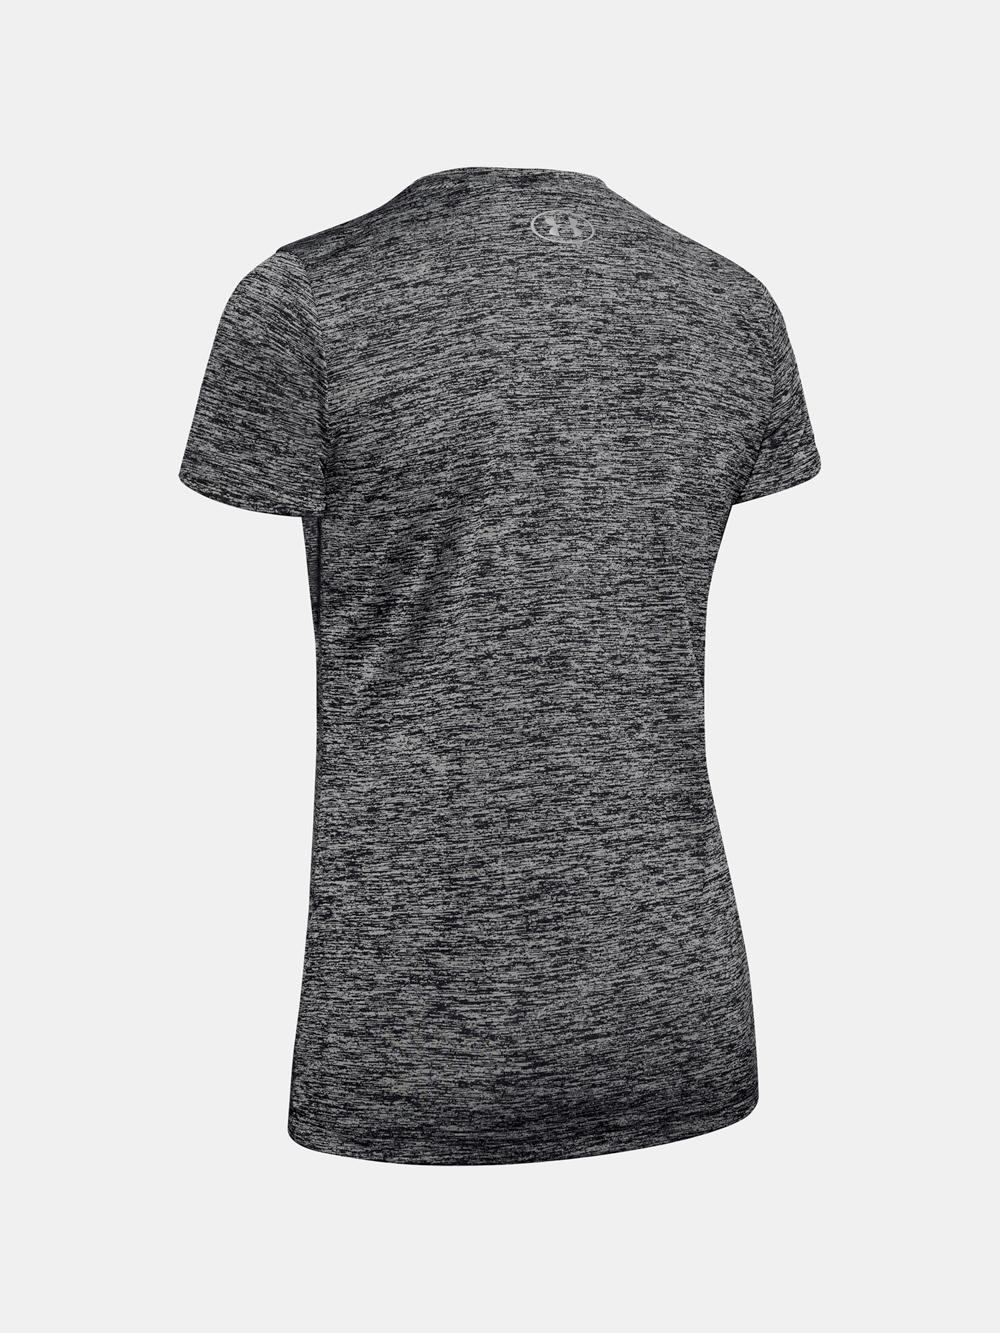 Under Armour women´s T-shirt Tech SSC - Twist